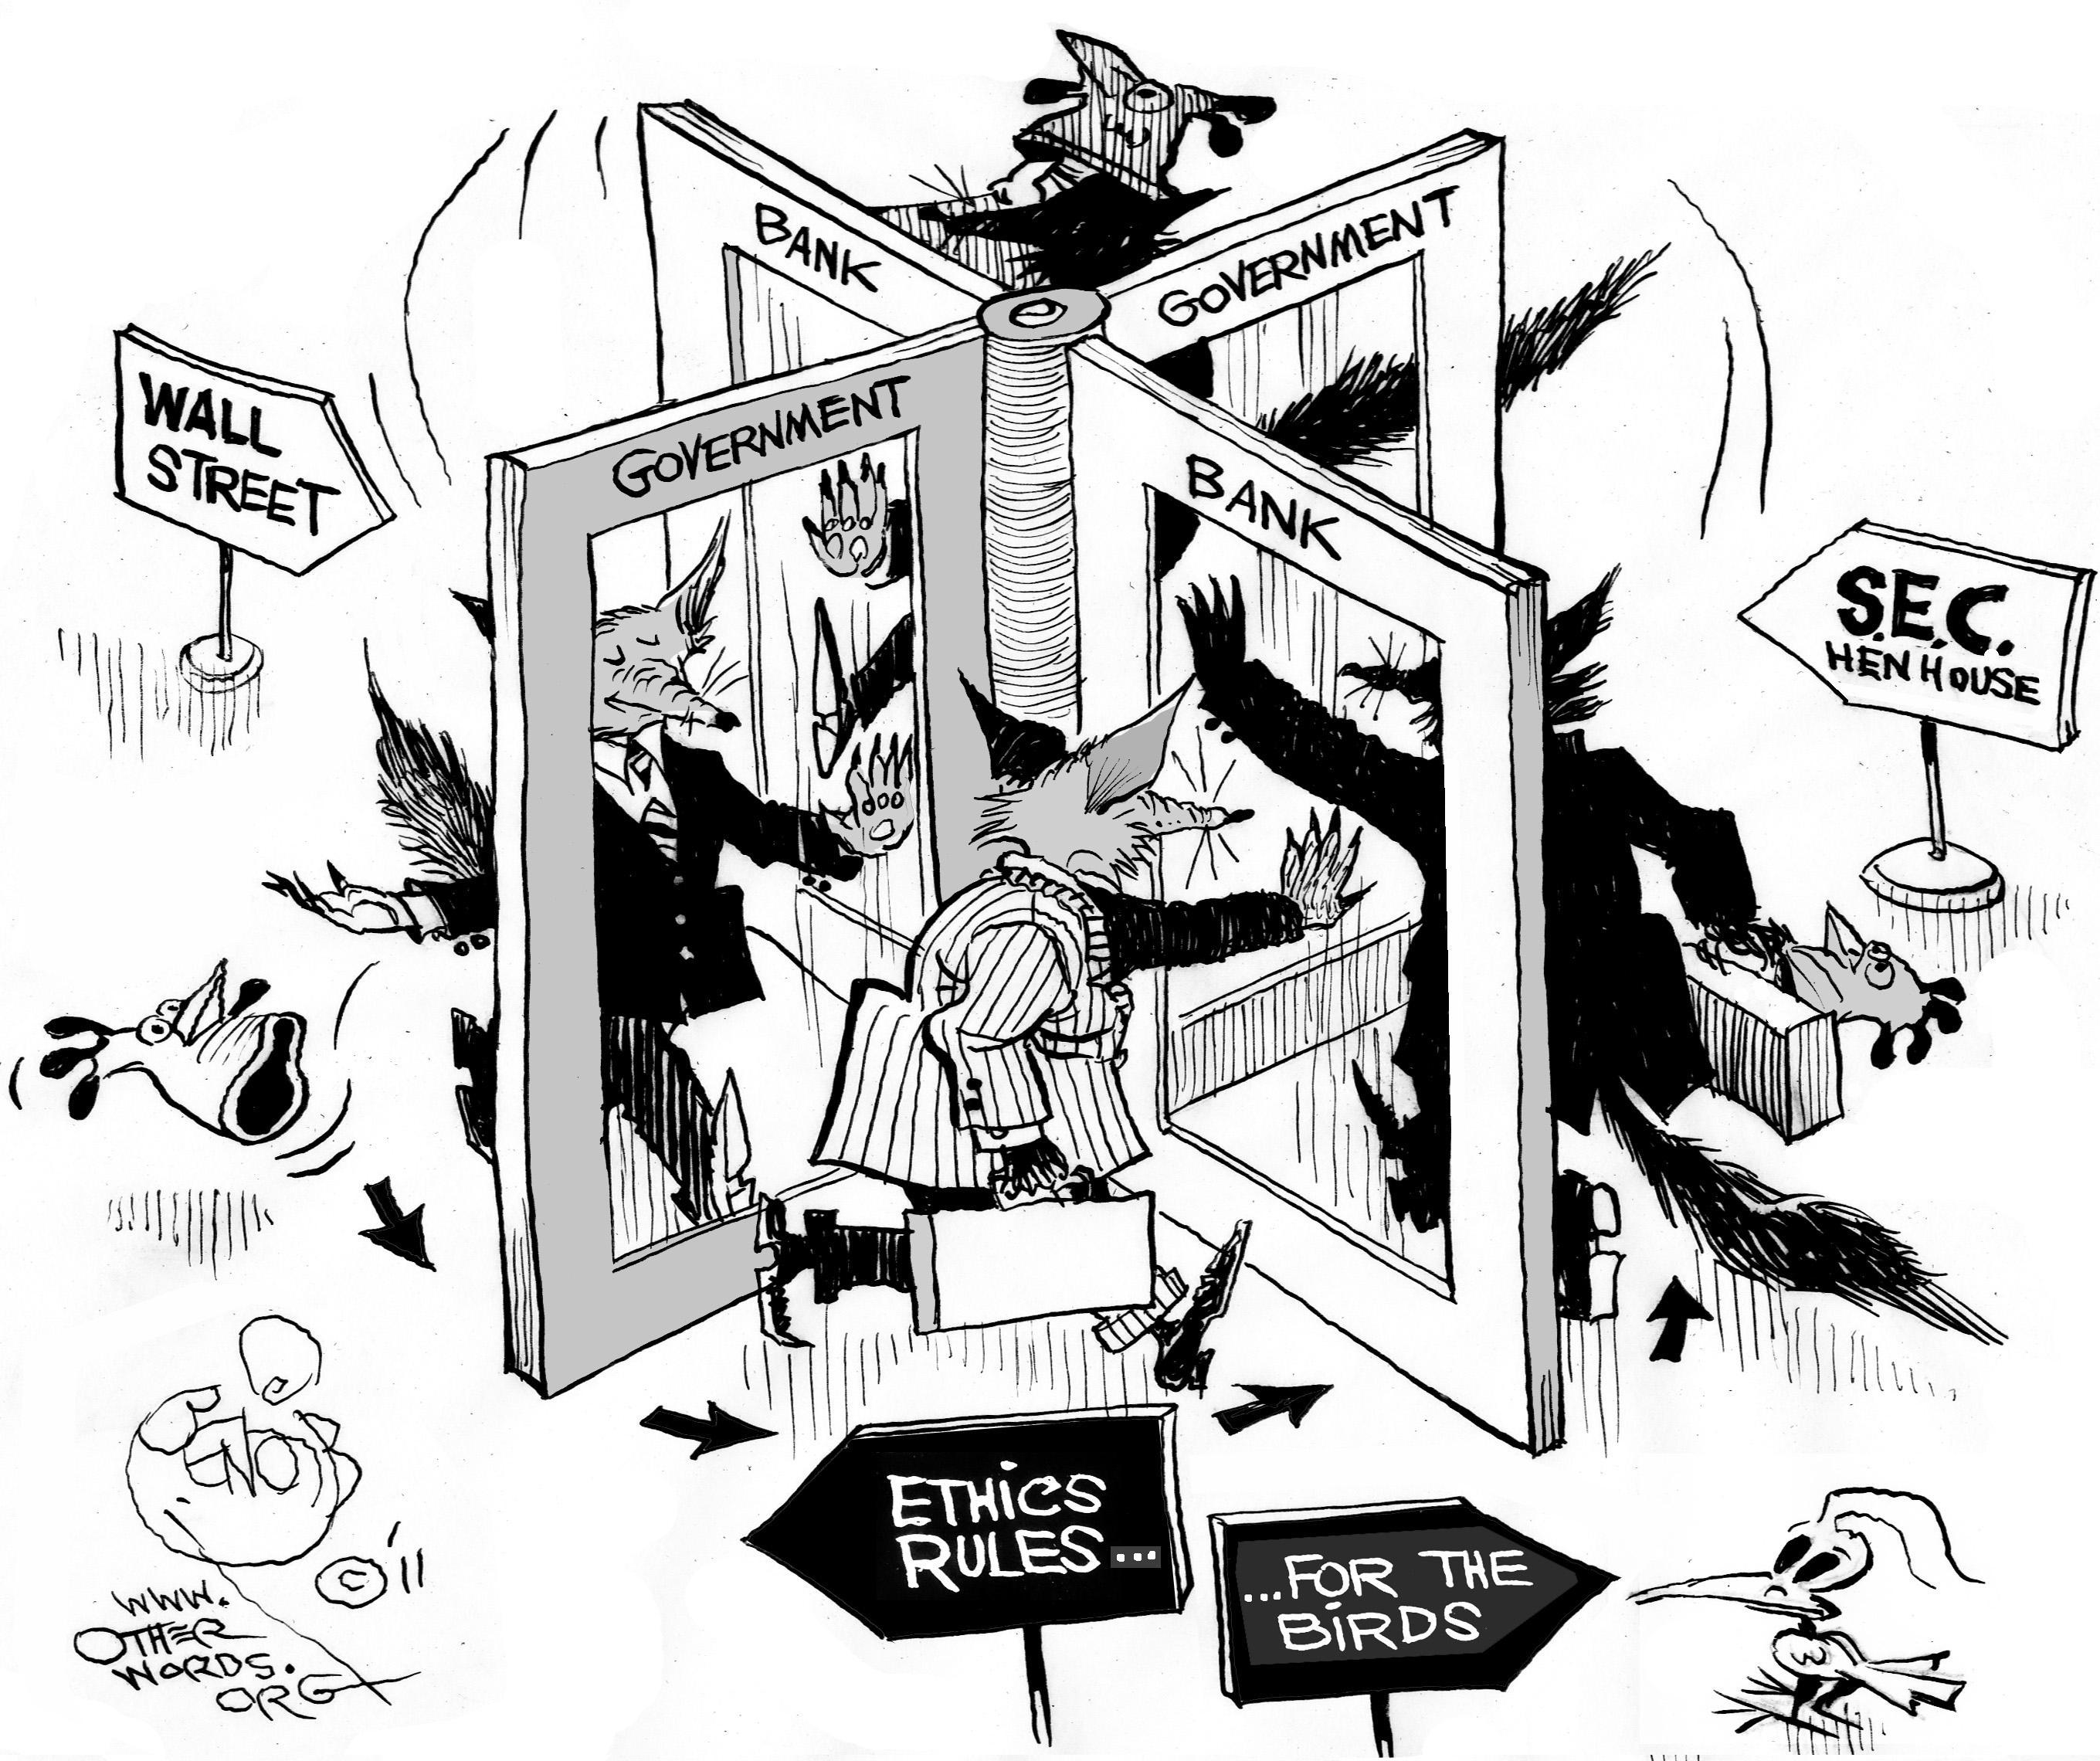 http://www.fedupusa.org/wp-content/uploads/2013/01/sec-revolving-door-cartoon.jpg